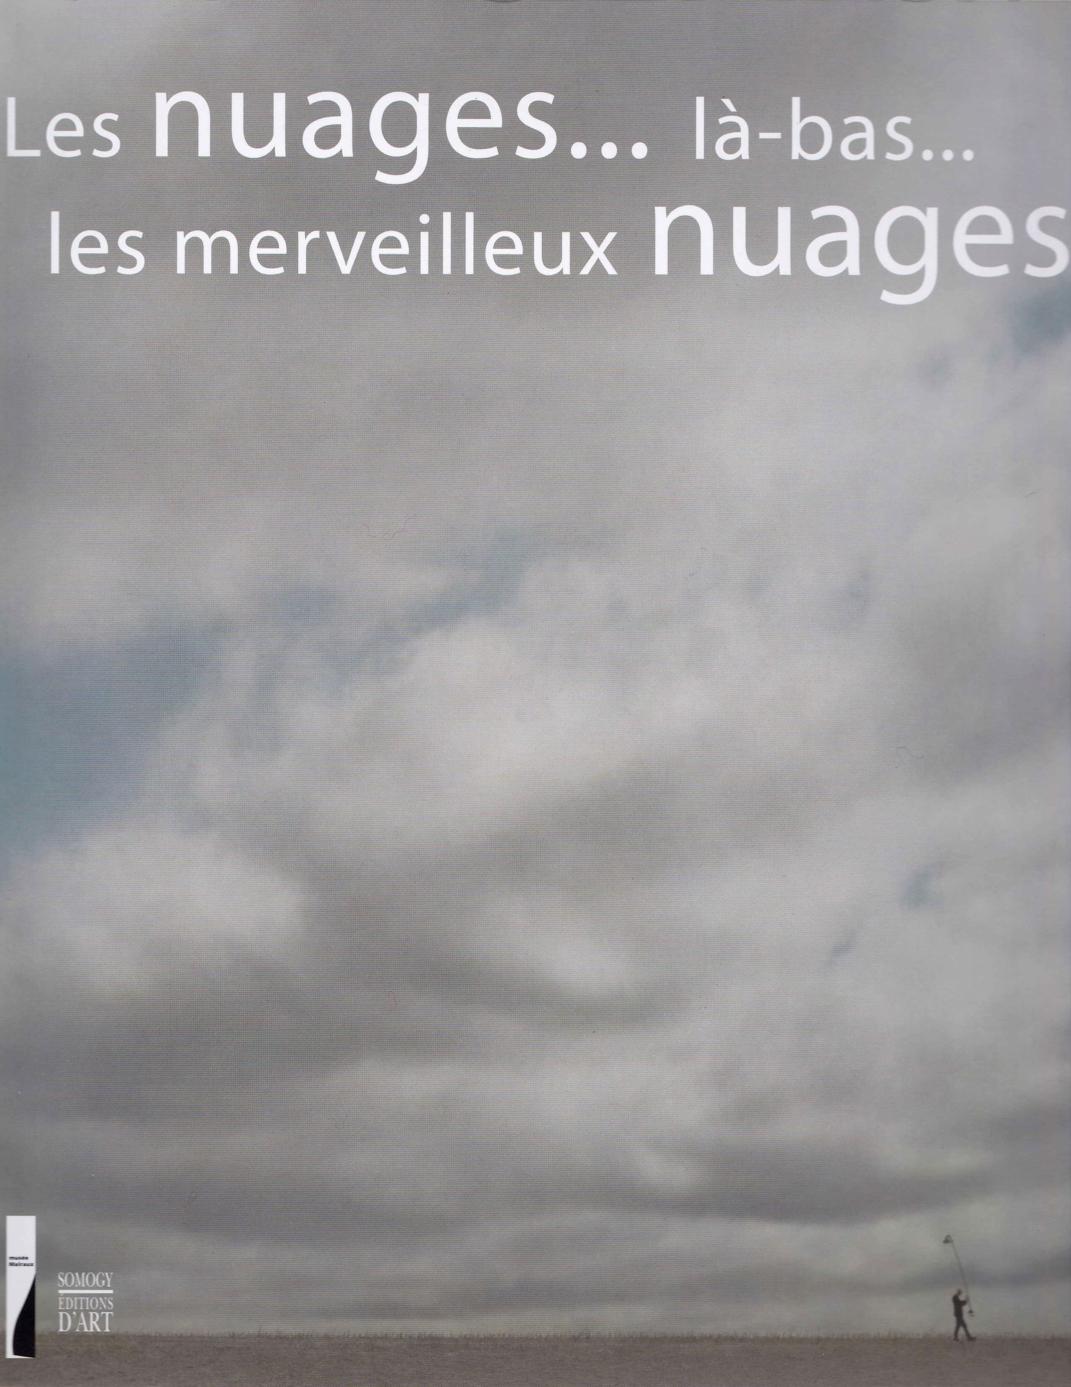 Nuages-Binder_1